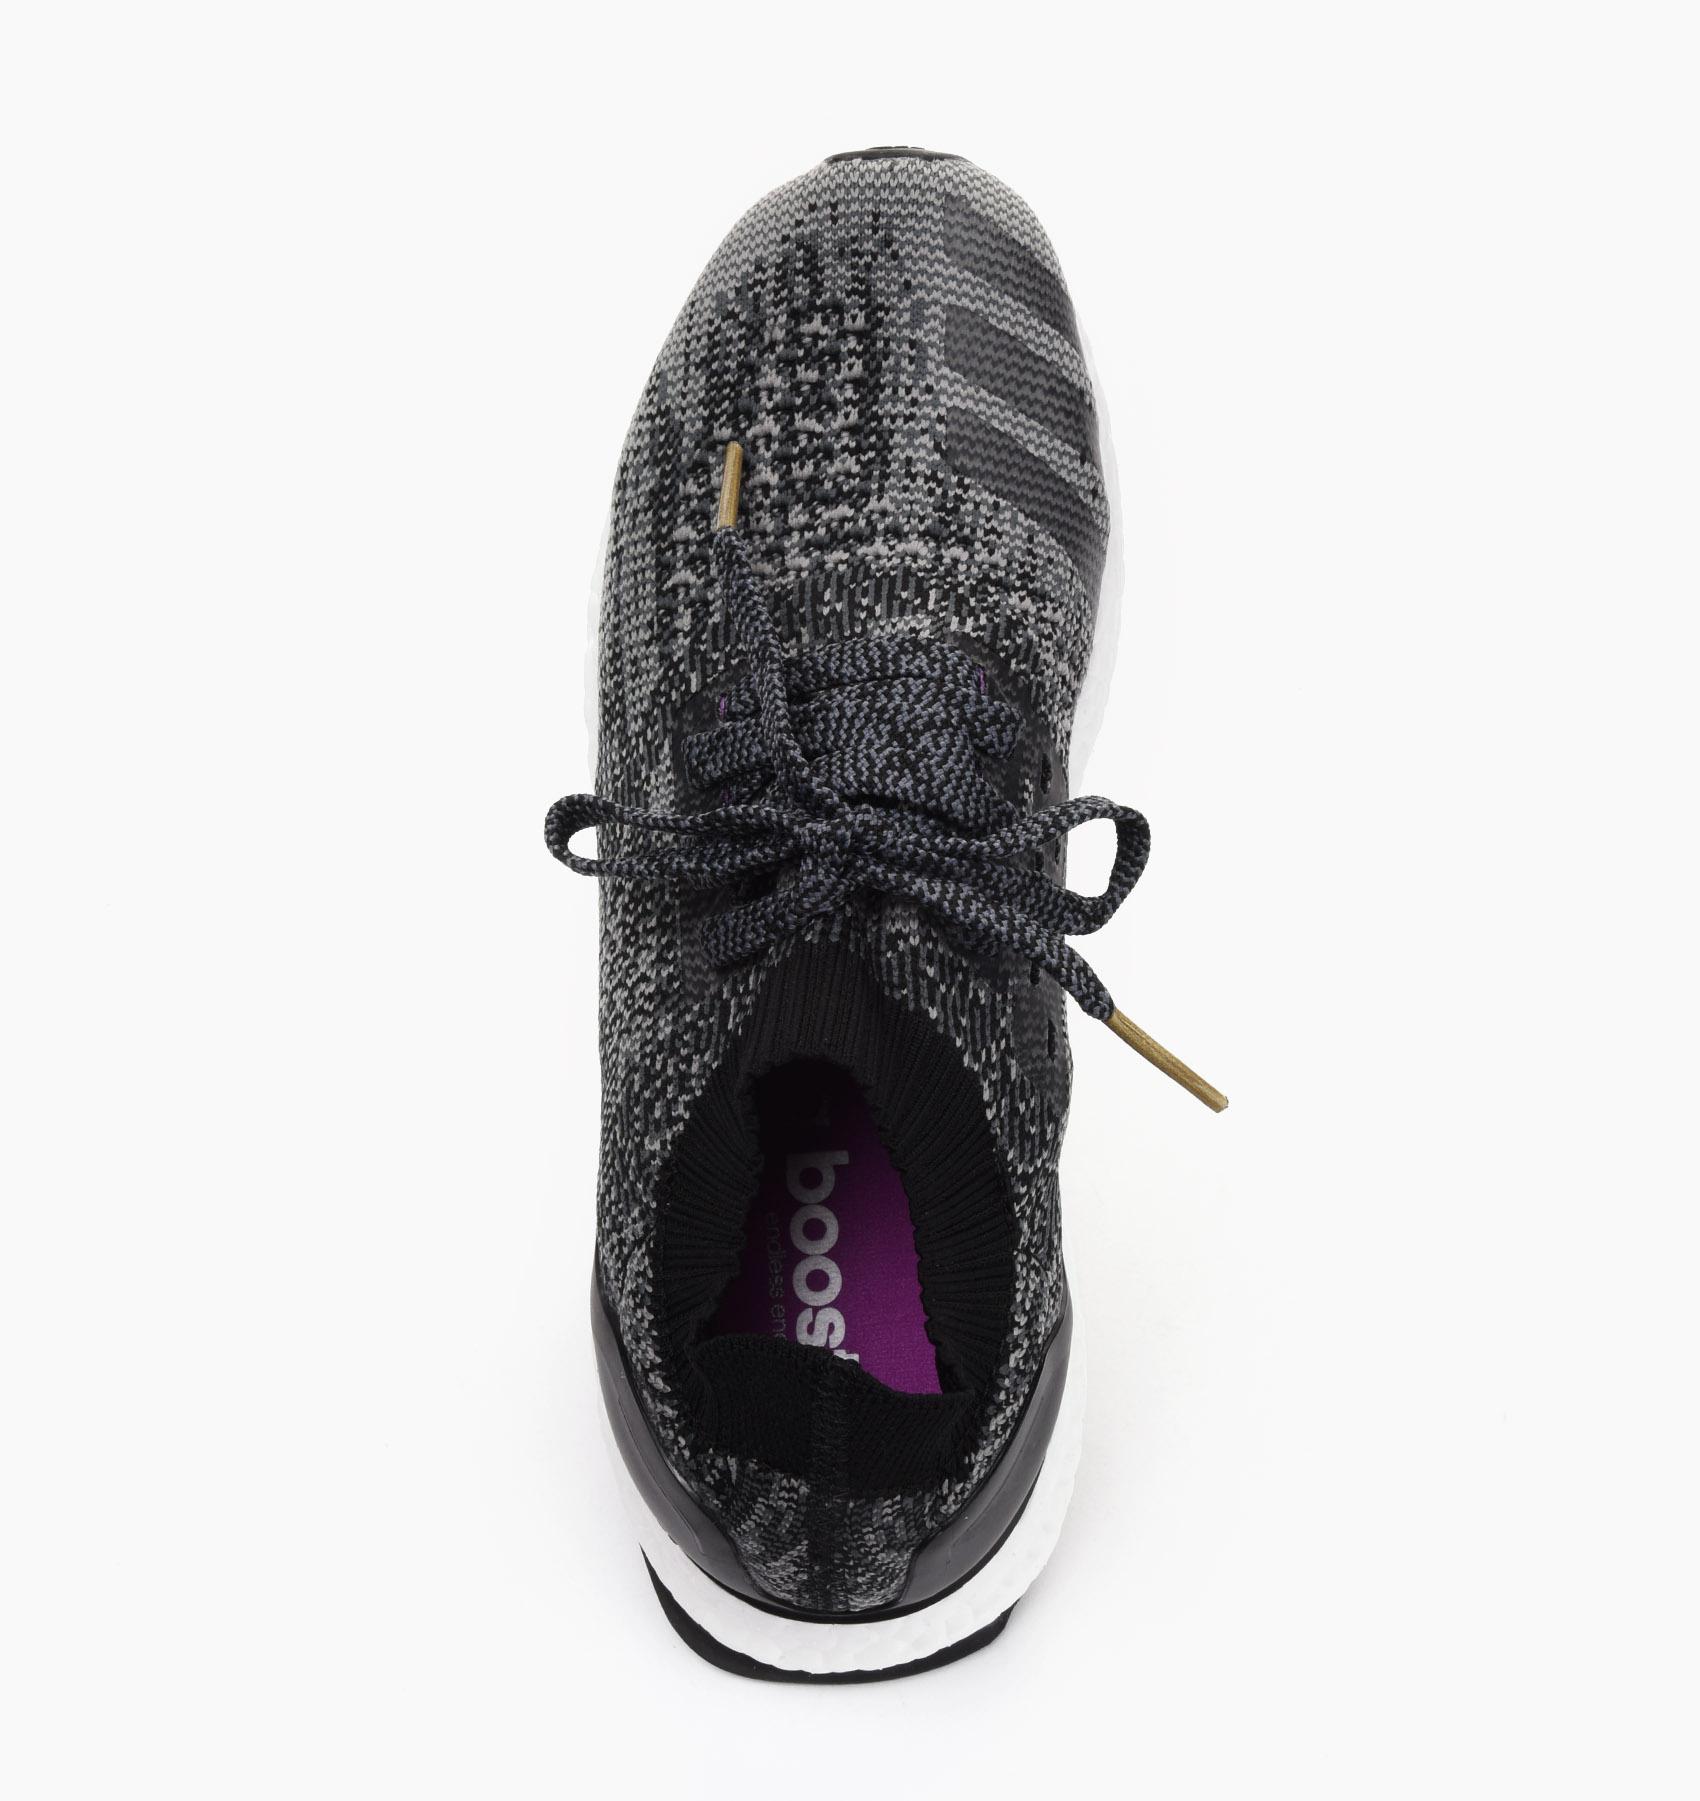 Adidas Ultra Boost Uncaged Black W